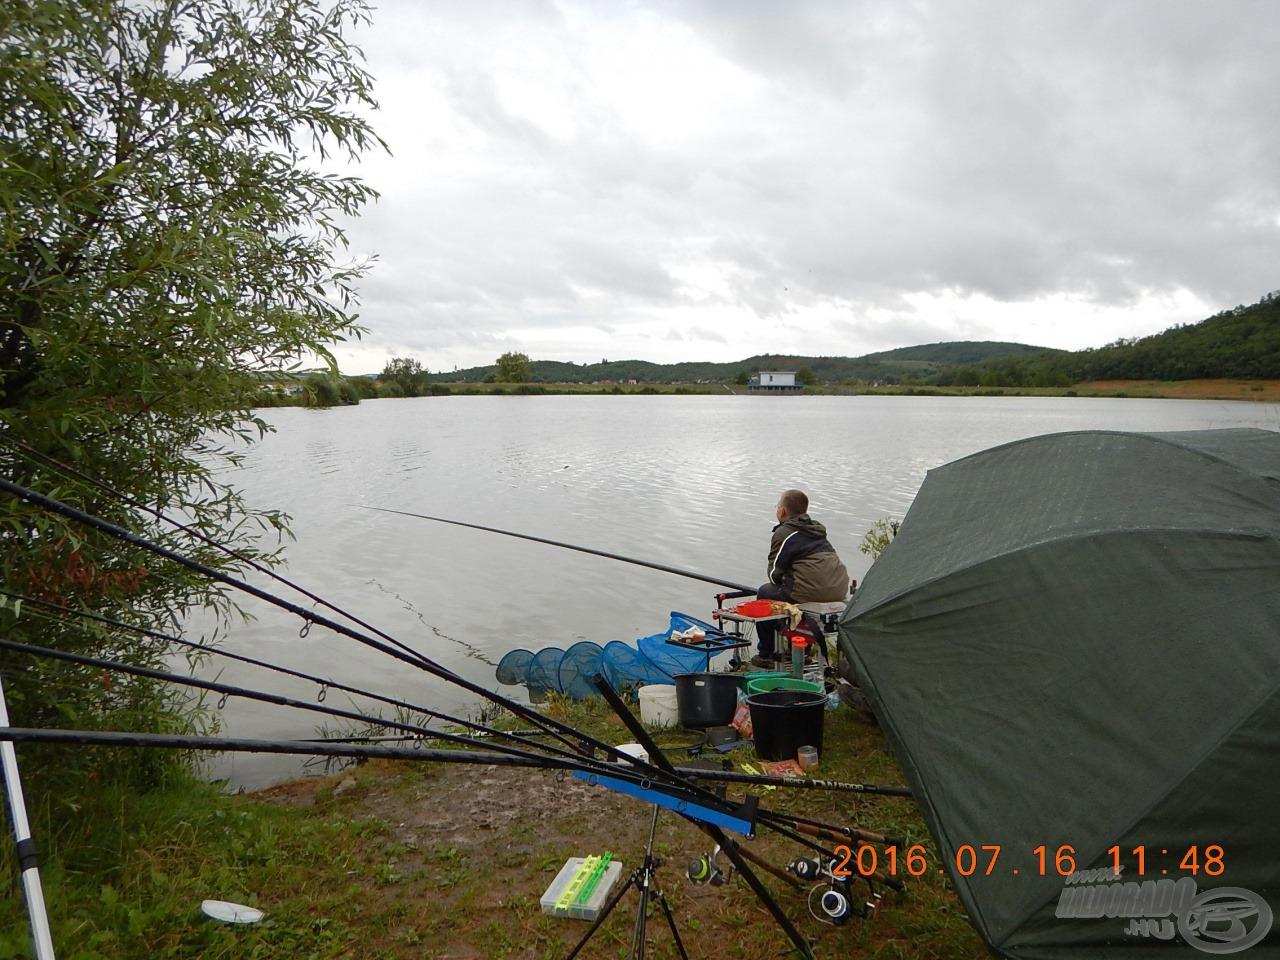 Egy komoly táborhely